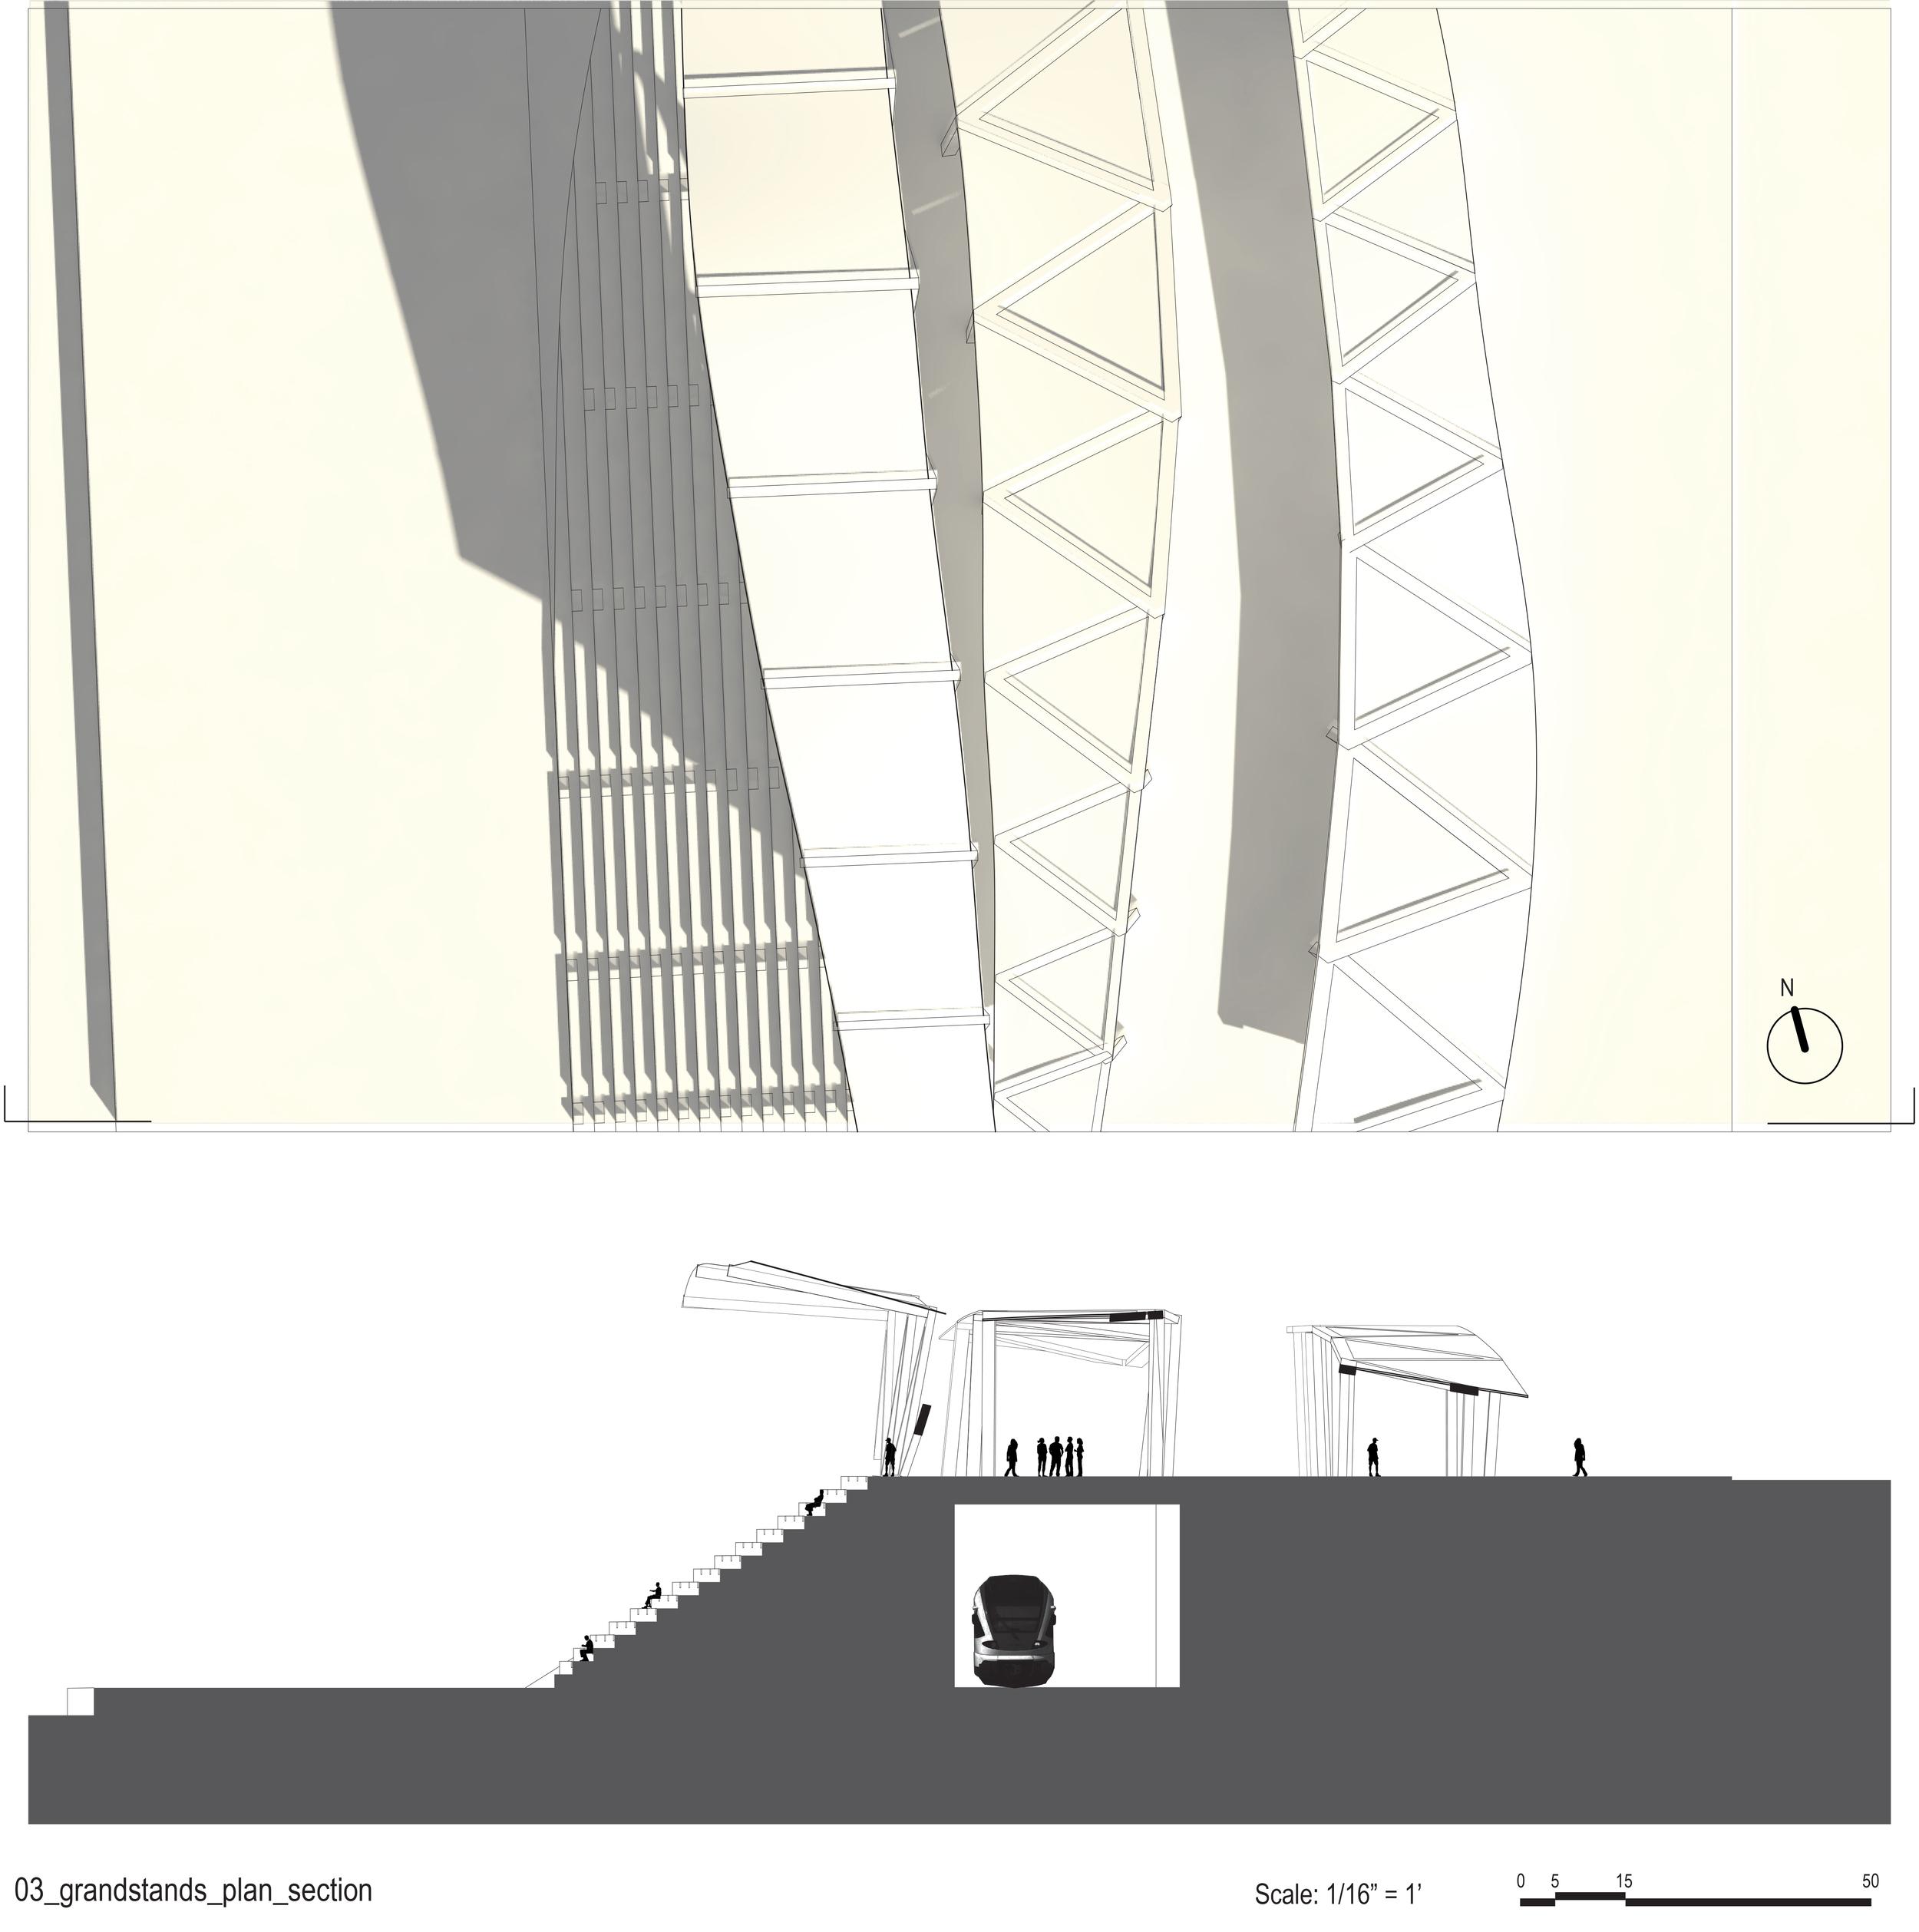 Plan_Section_Grandstands [Converted].jpg